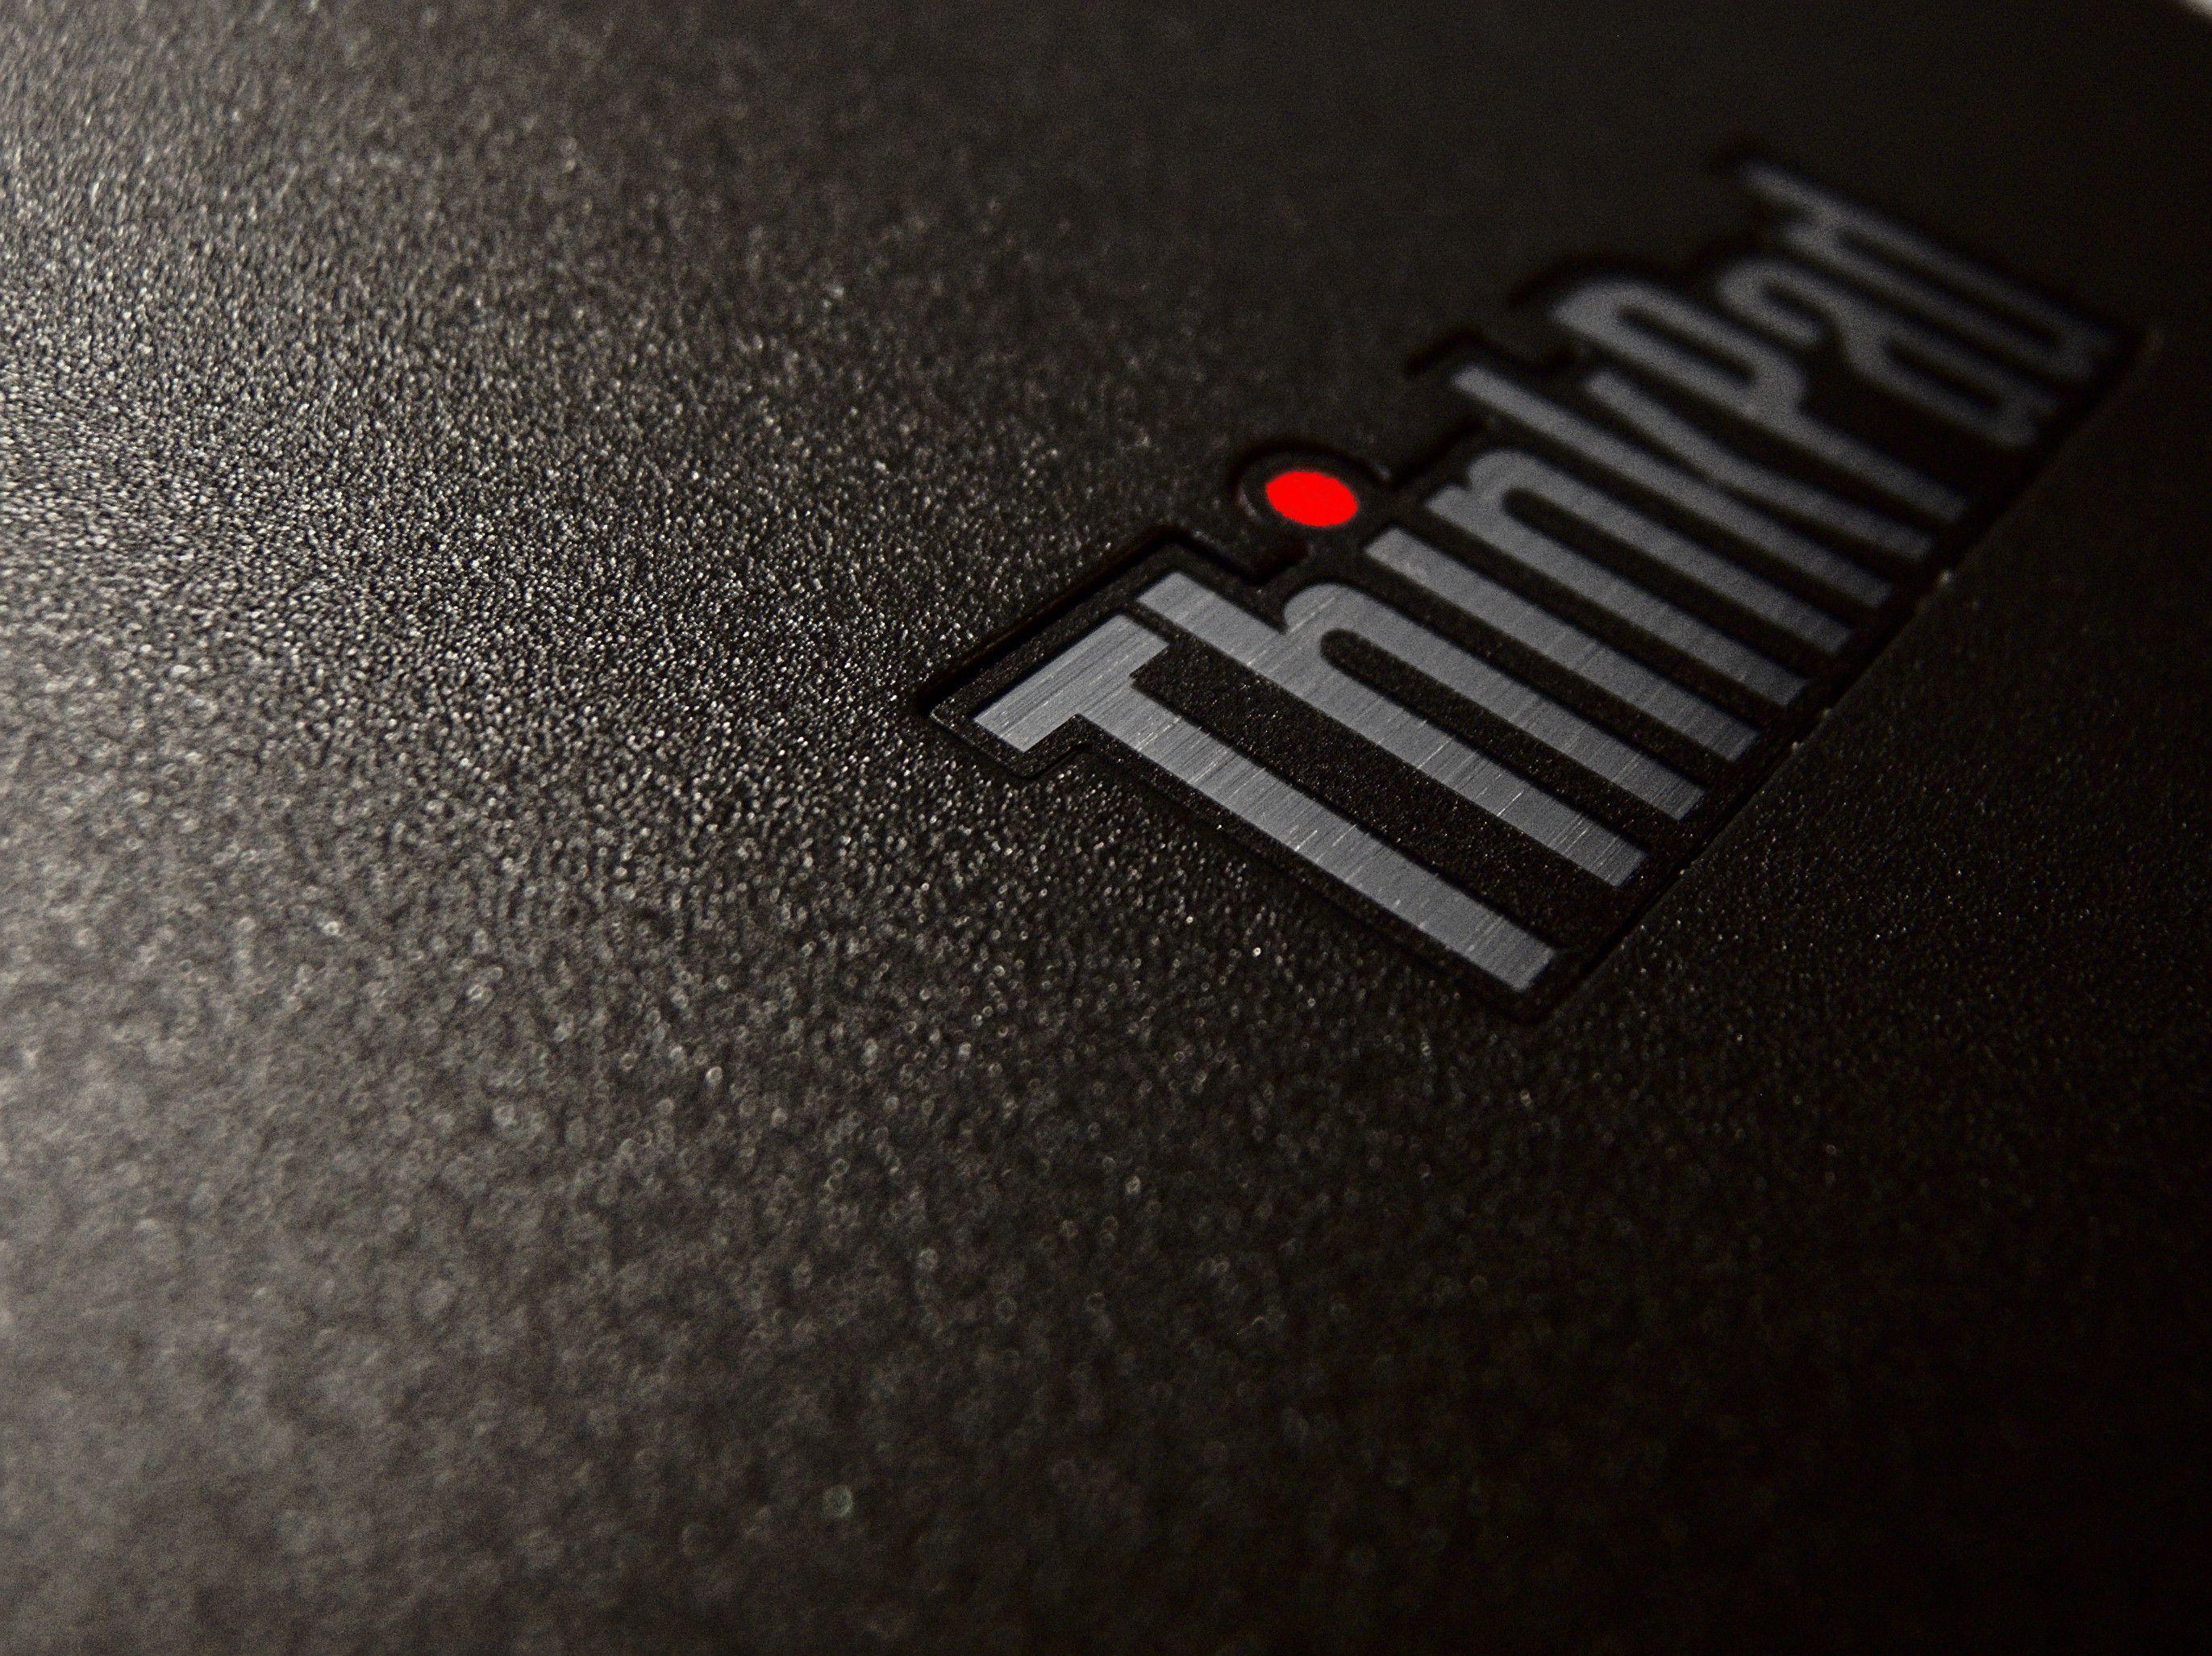 Lenovo Thinkpad 4k Wallpapers Top Free Lenovo Thinkpad 4k Backgrounds Wallpaperaccess